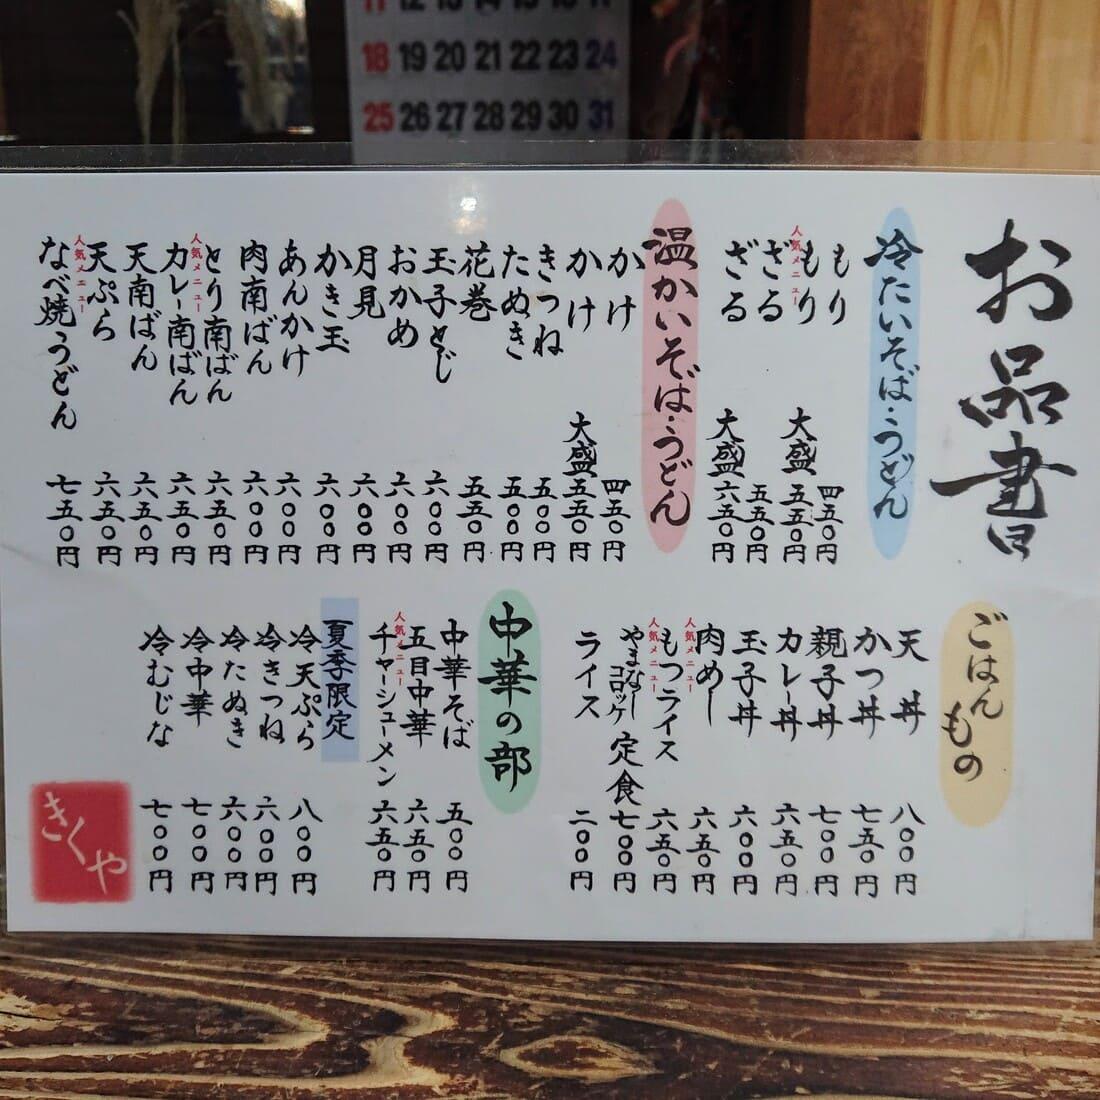 きくや食堂のメインメニュー表